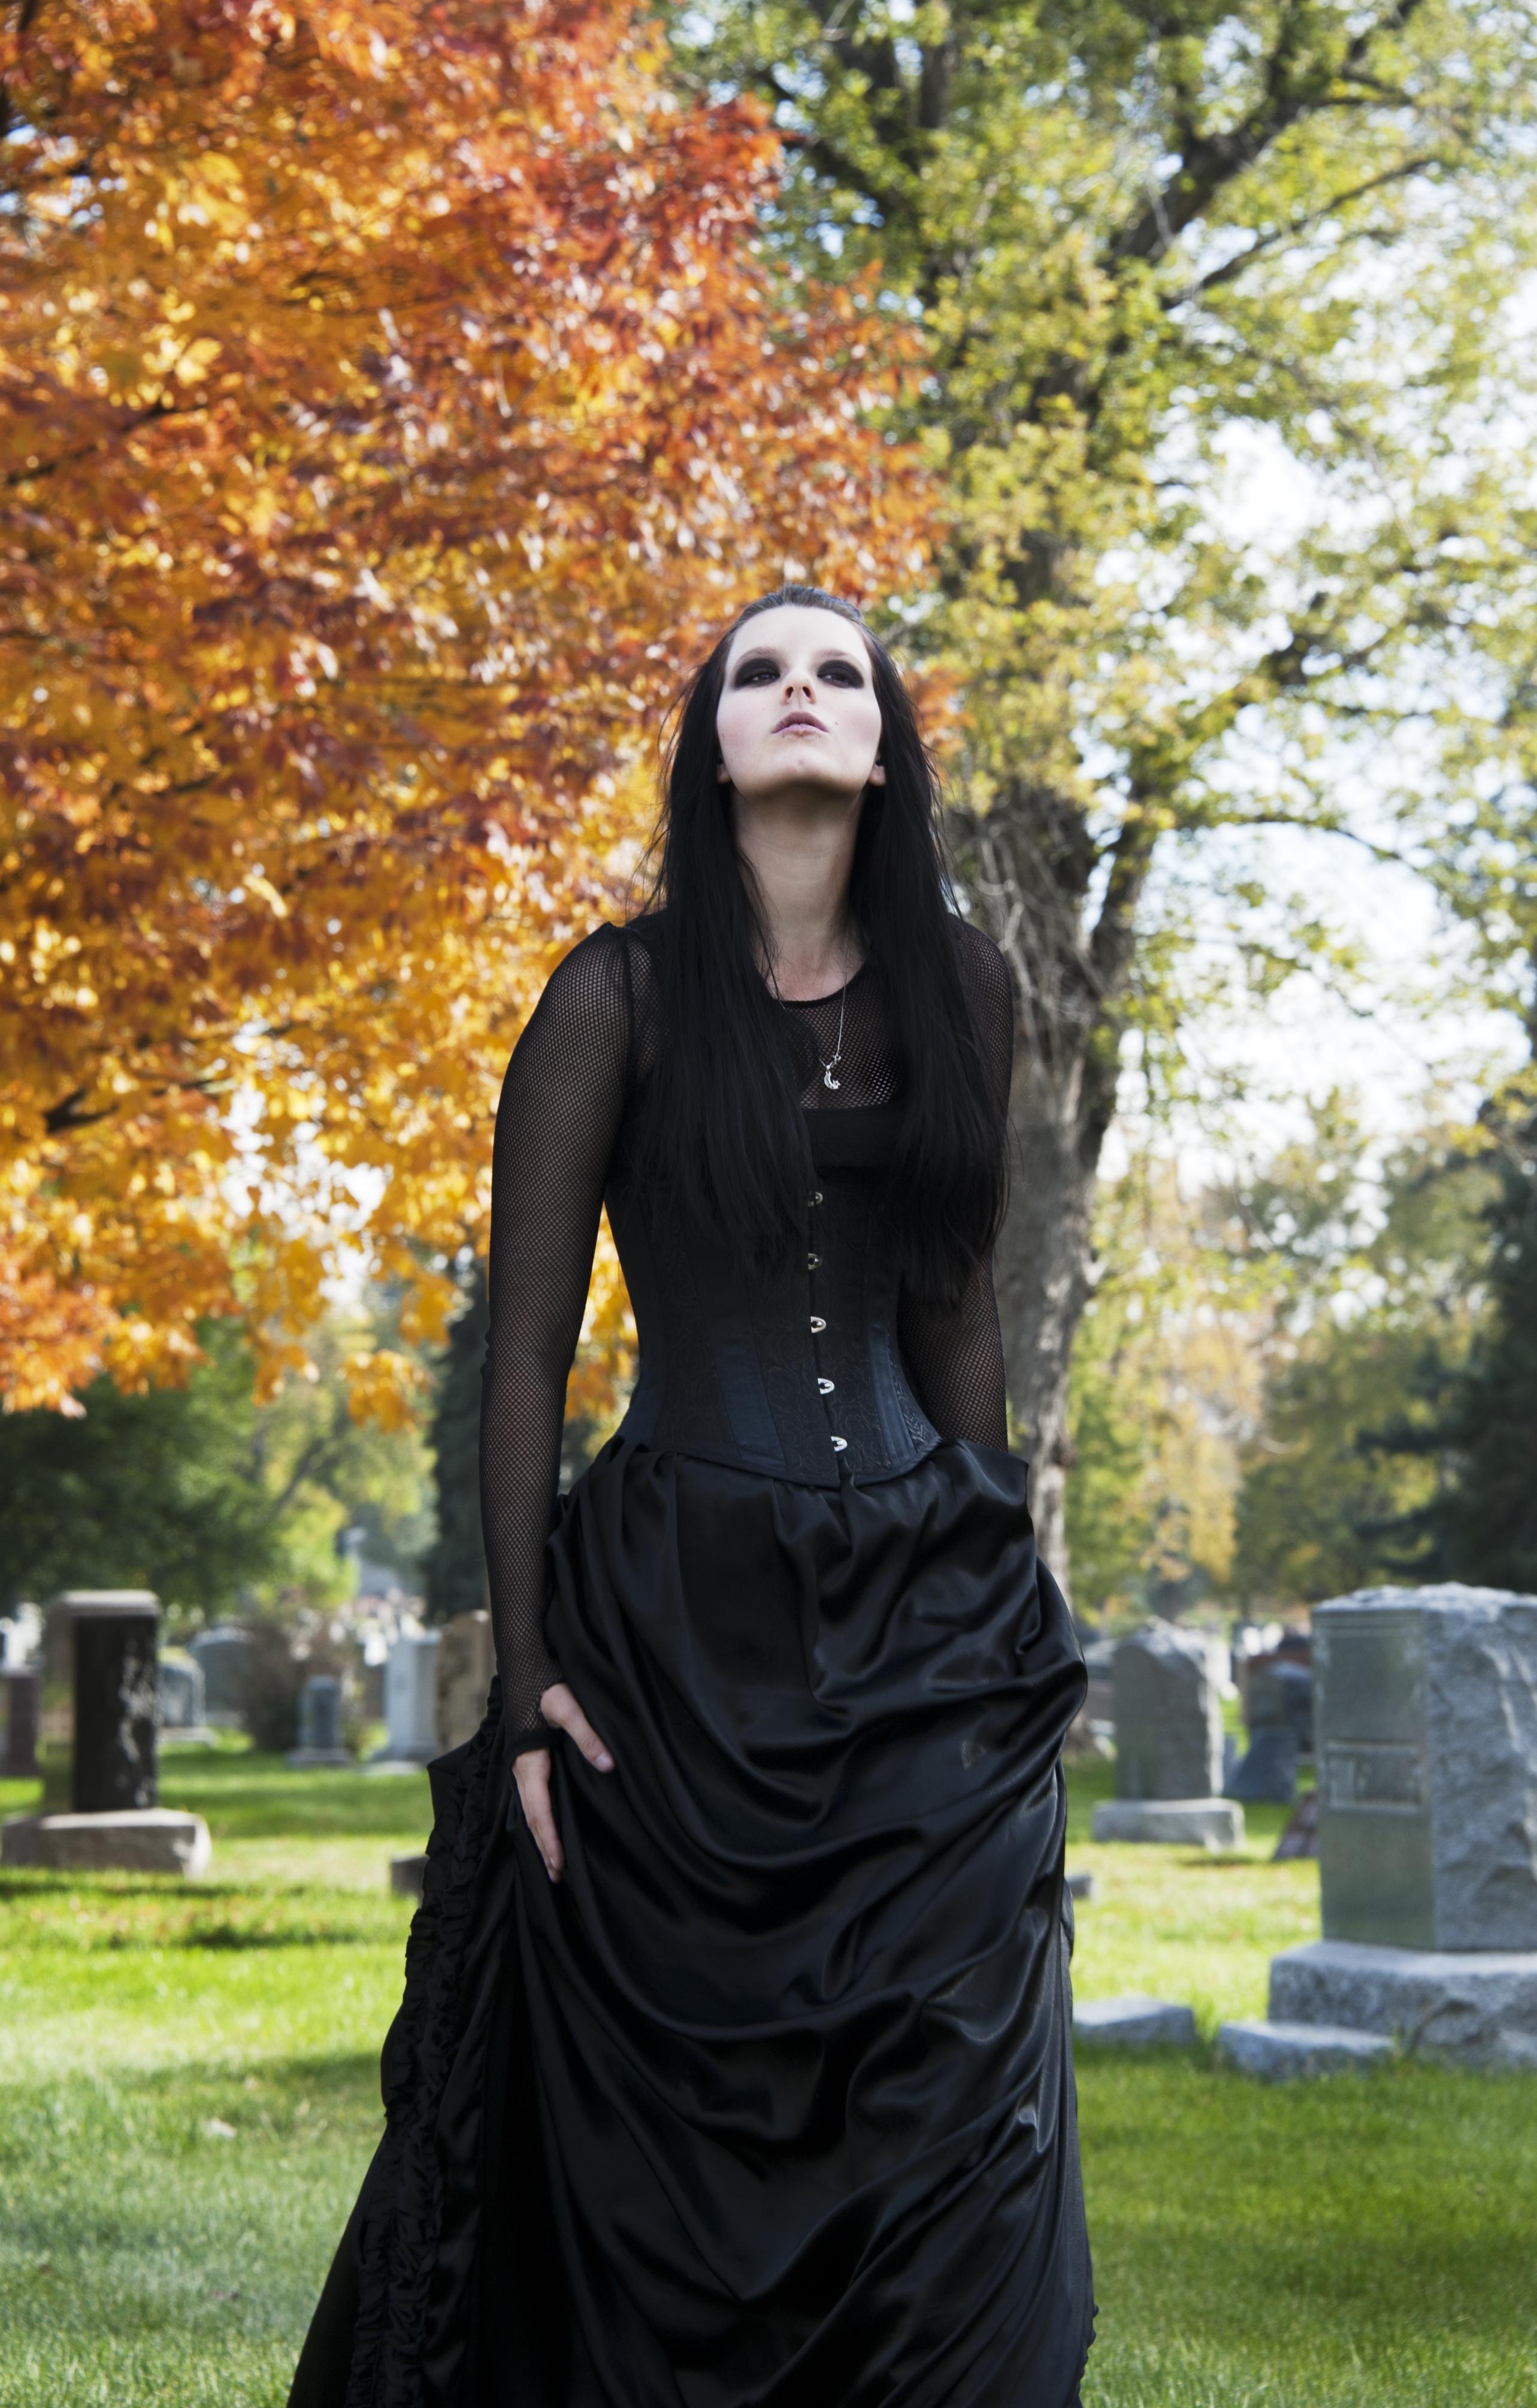 Vampire Stock by Vinobia